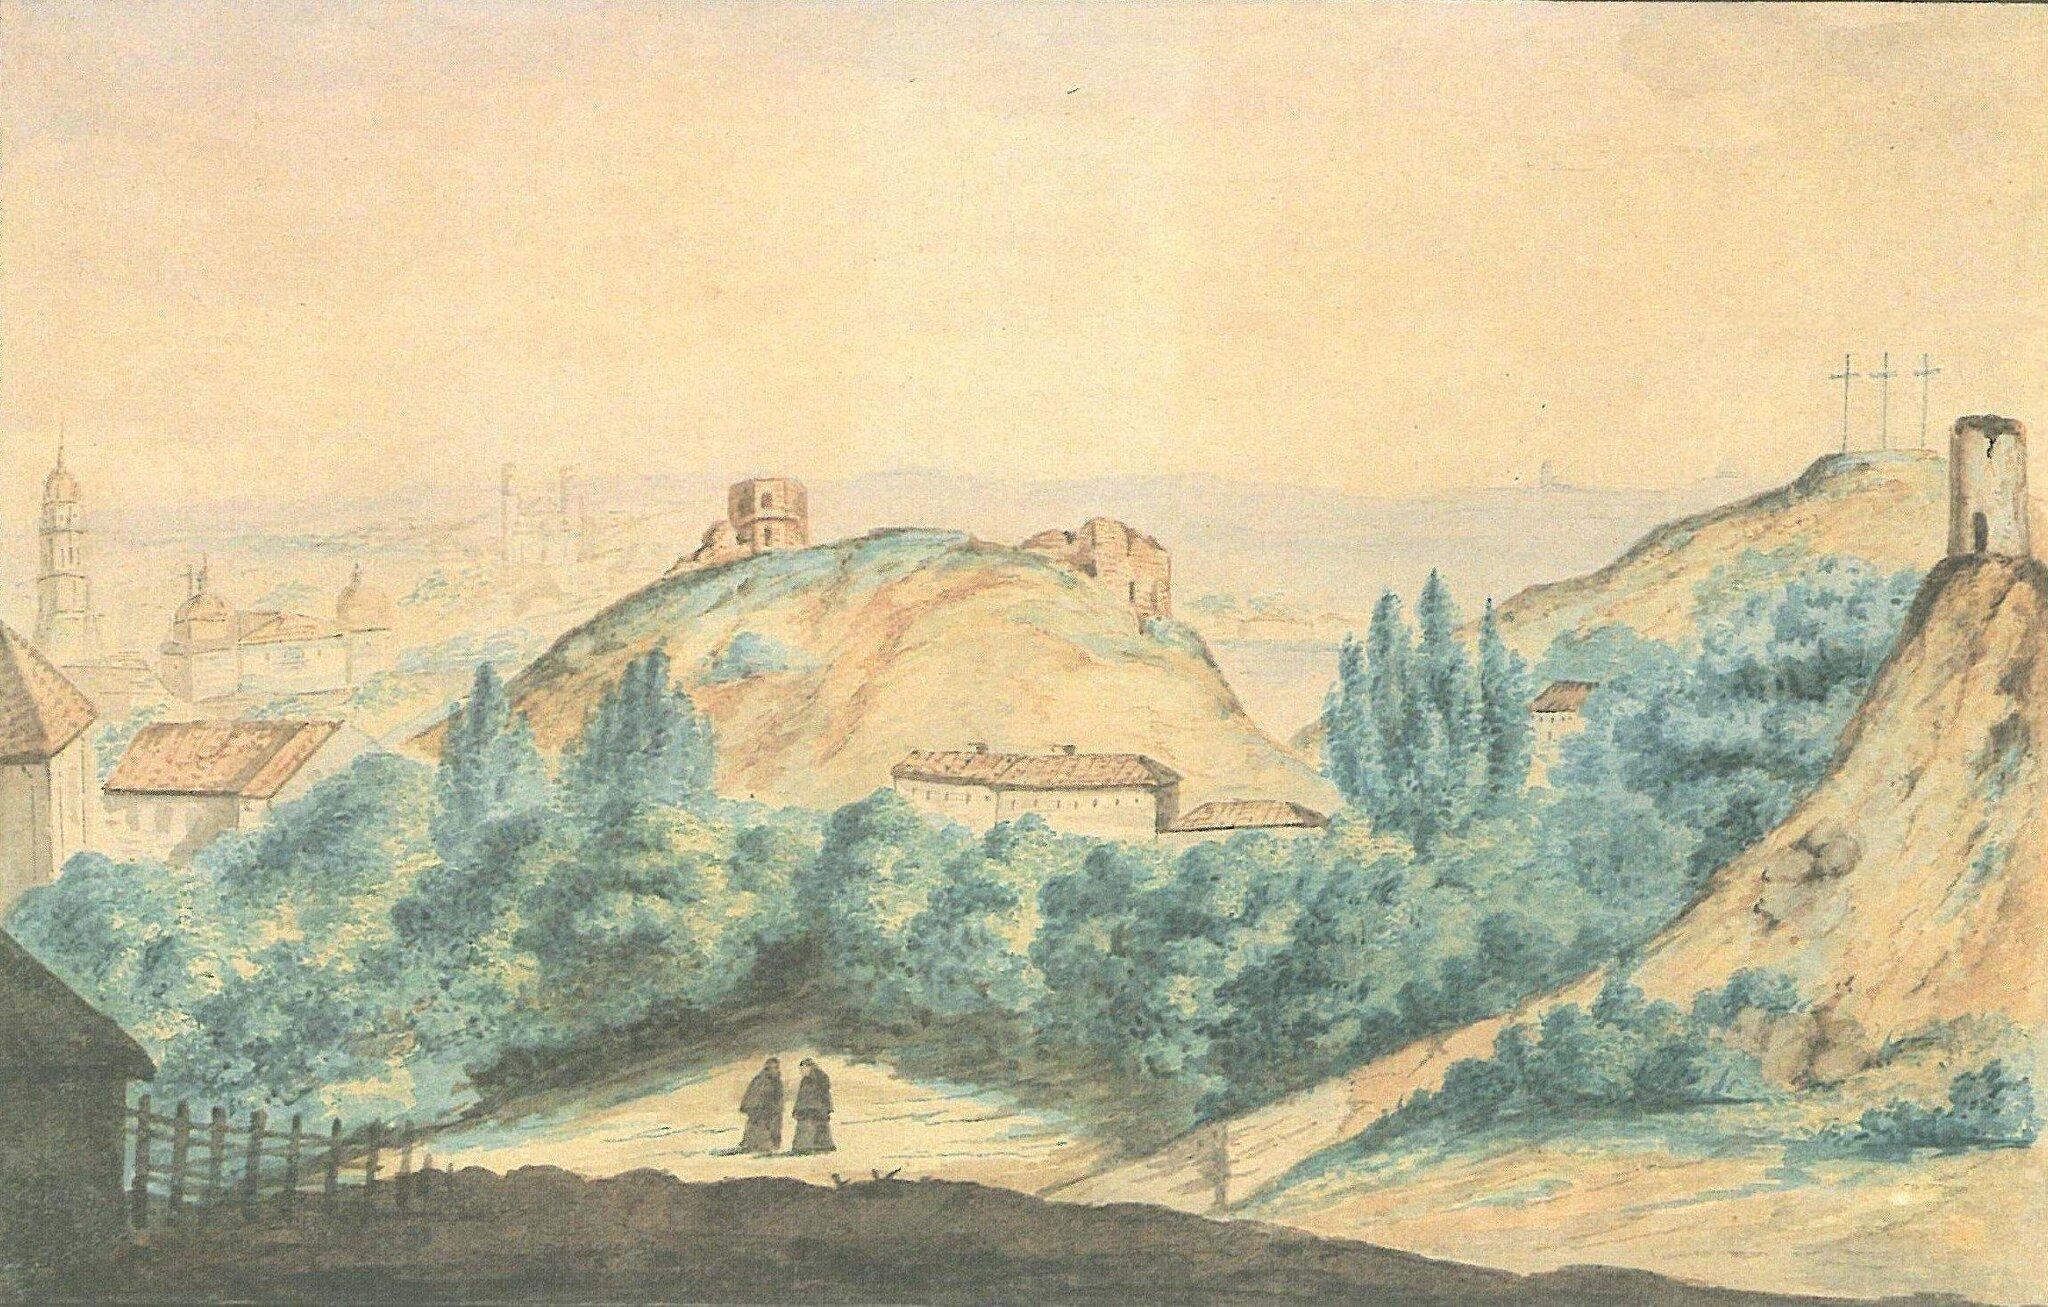 Wilno Wilno Źródło: M. Januševič, 1846, domena publiczna.